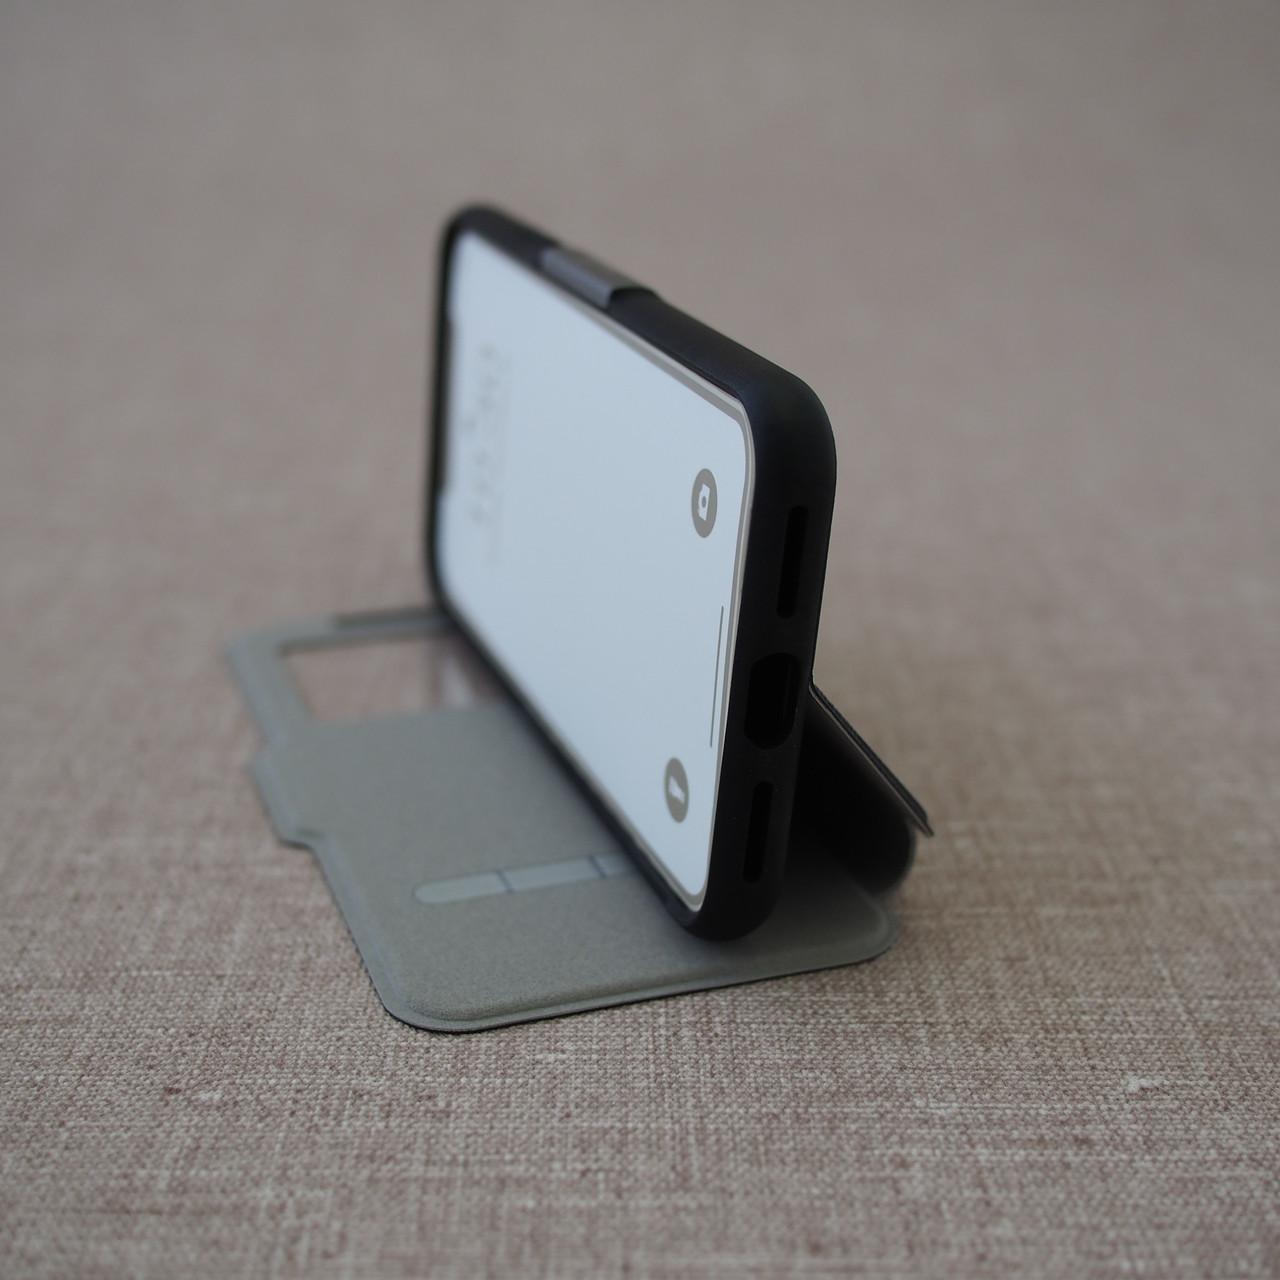 """Чехол Moshi SenseCover Slim Folio iPhone Xs/X {5.8""""} metro black (99MO072010) EAN/UPC: 4713057252471"""